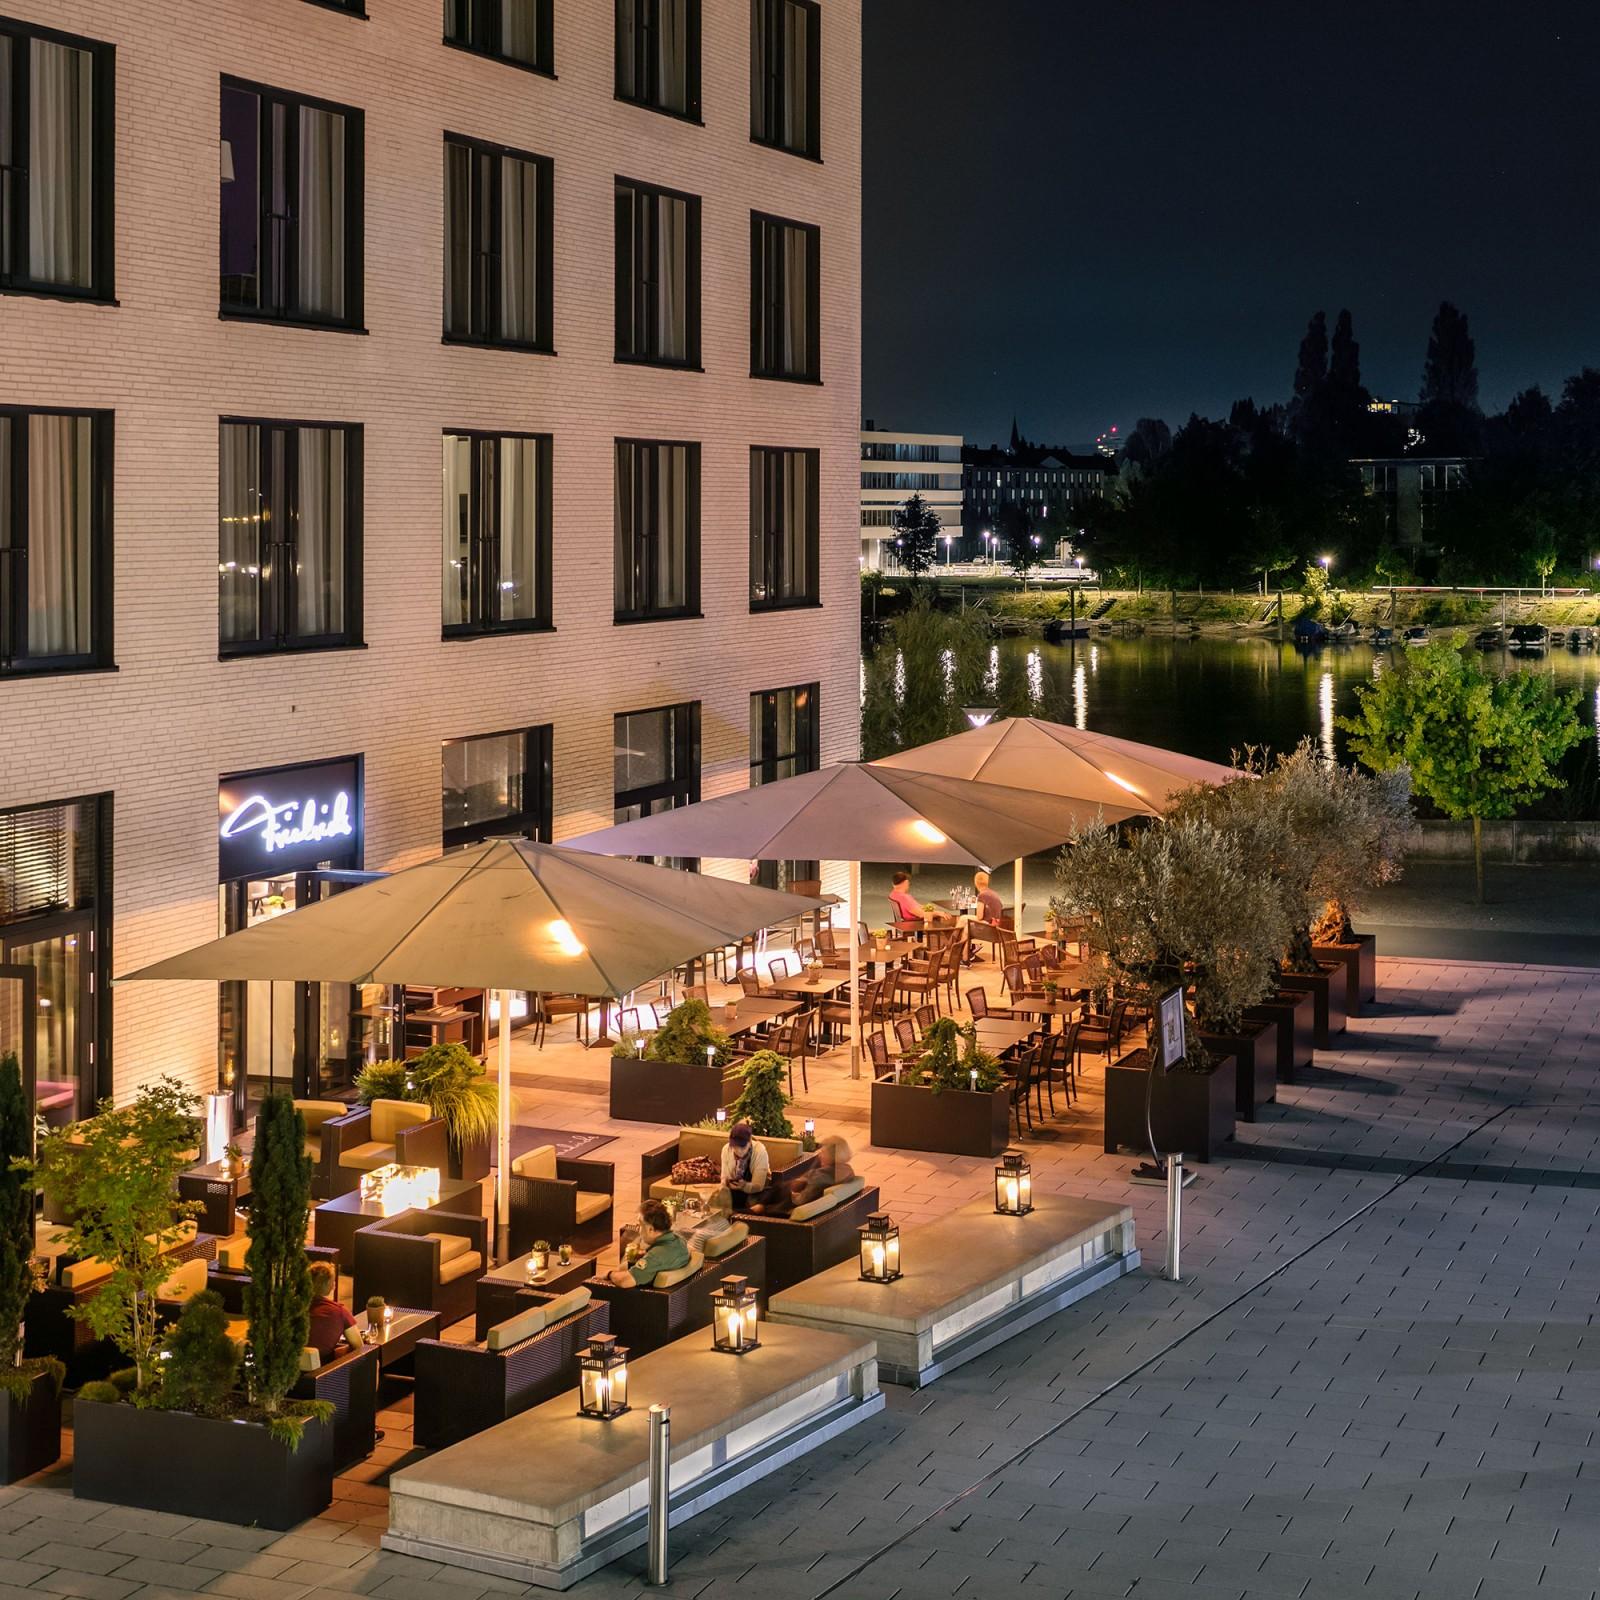 02126 restaurant friedrichs 47 ganter hotels konstanz